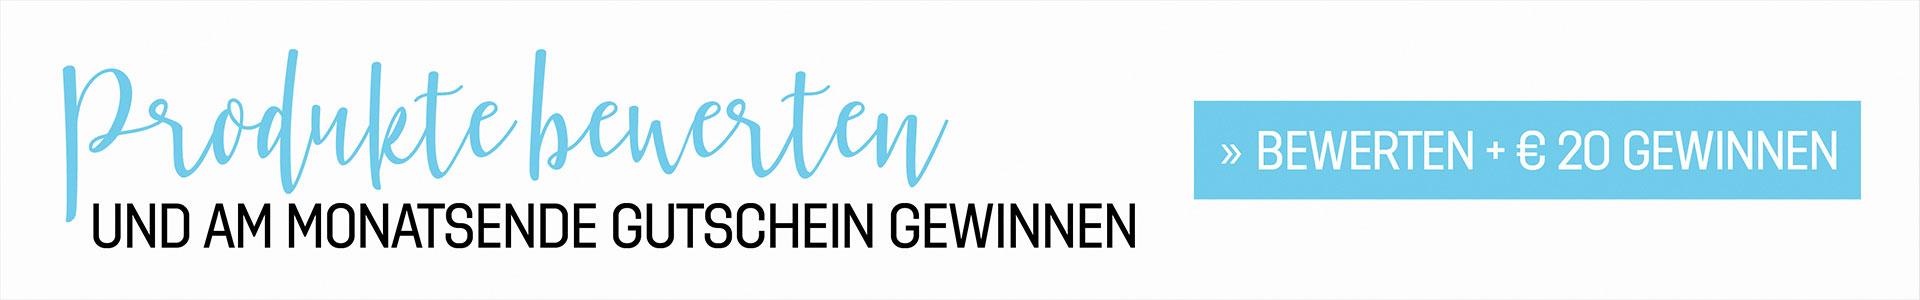 Produkte bewerten und am Ende des Monats € 20-cosa-Gutschein gewinnen